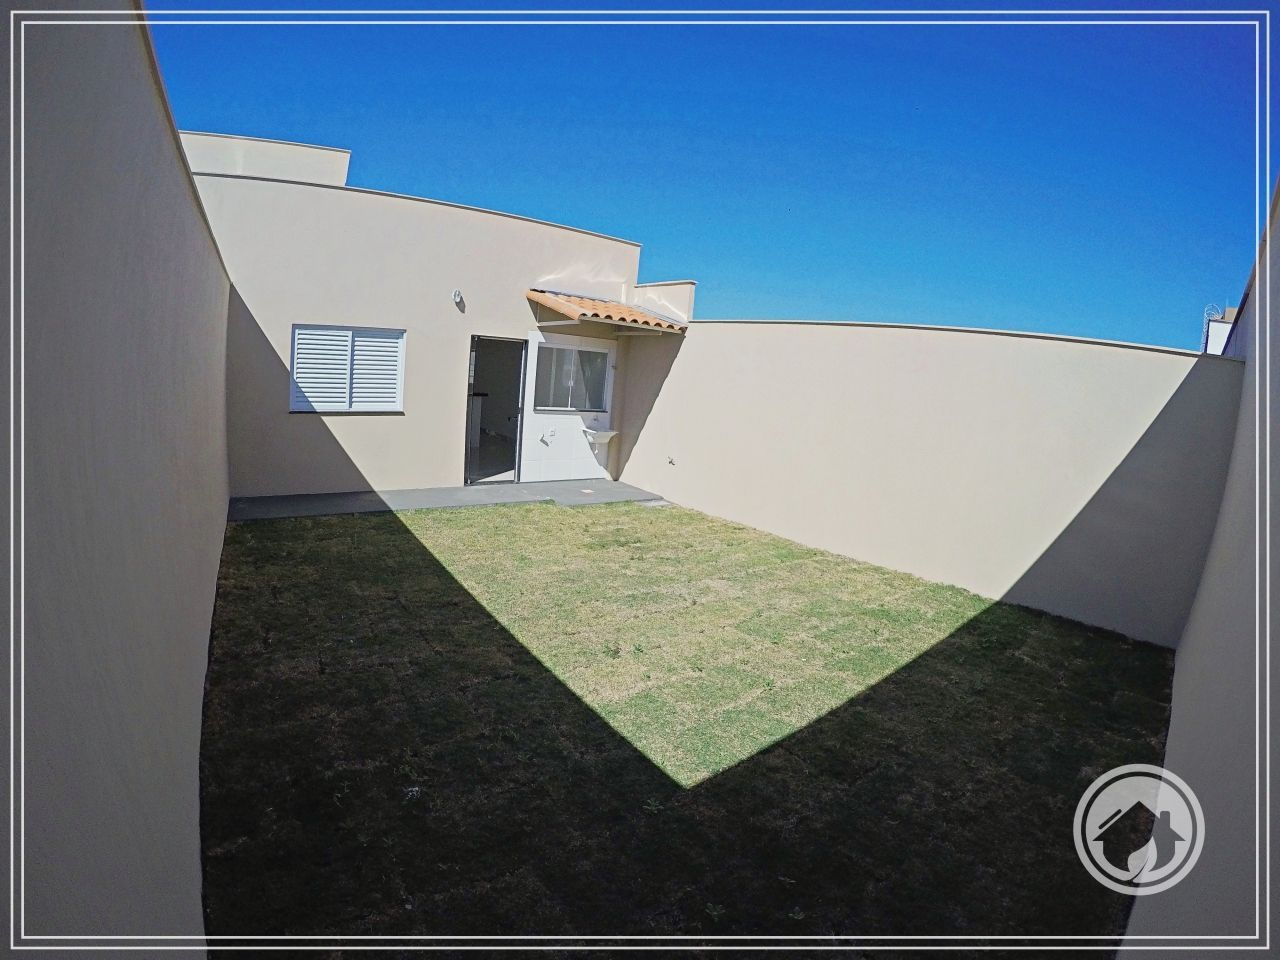 Casa com 2 Dormitórios à venda, 65 m² por R$ 205.000,00